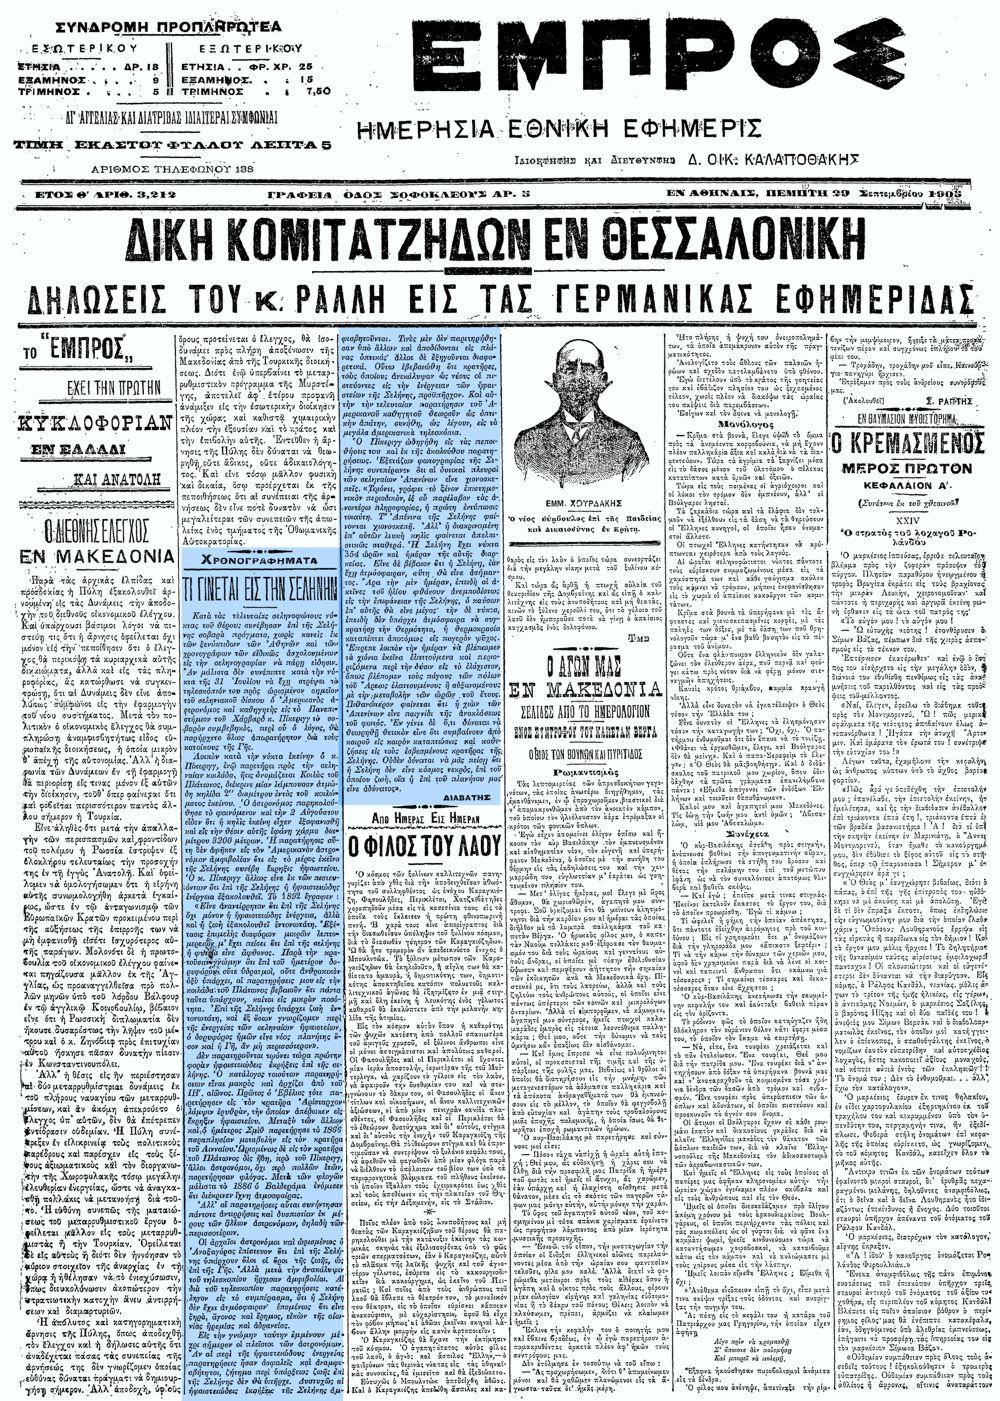 """Το άρθρο, όπως δημοσιεύθηκε στην εφημερίδα """"ΕΜΠΡΟΣ"""", στις 29/09/1905"""